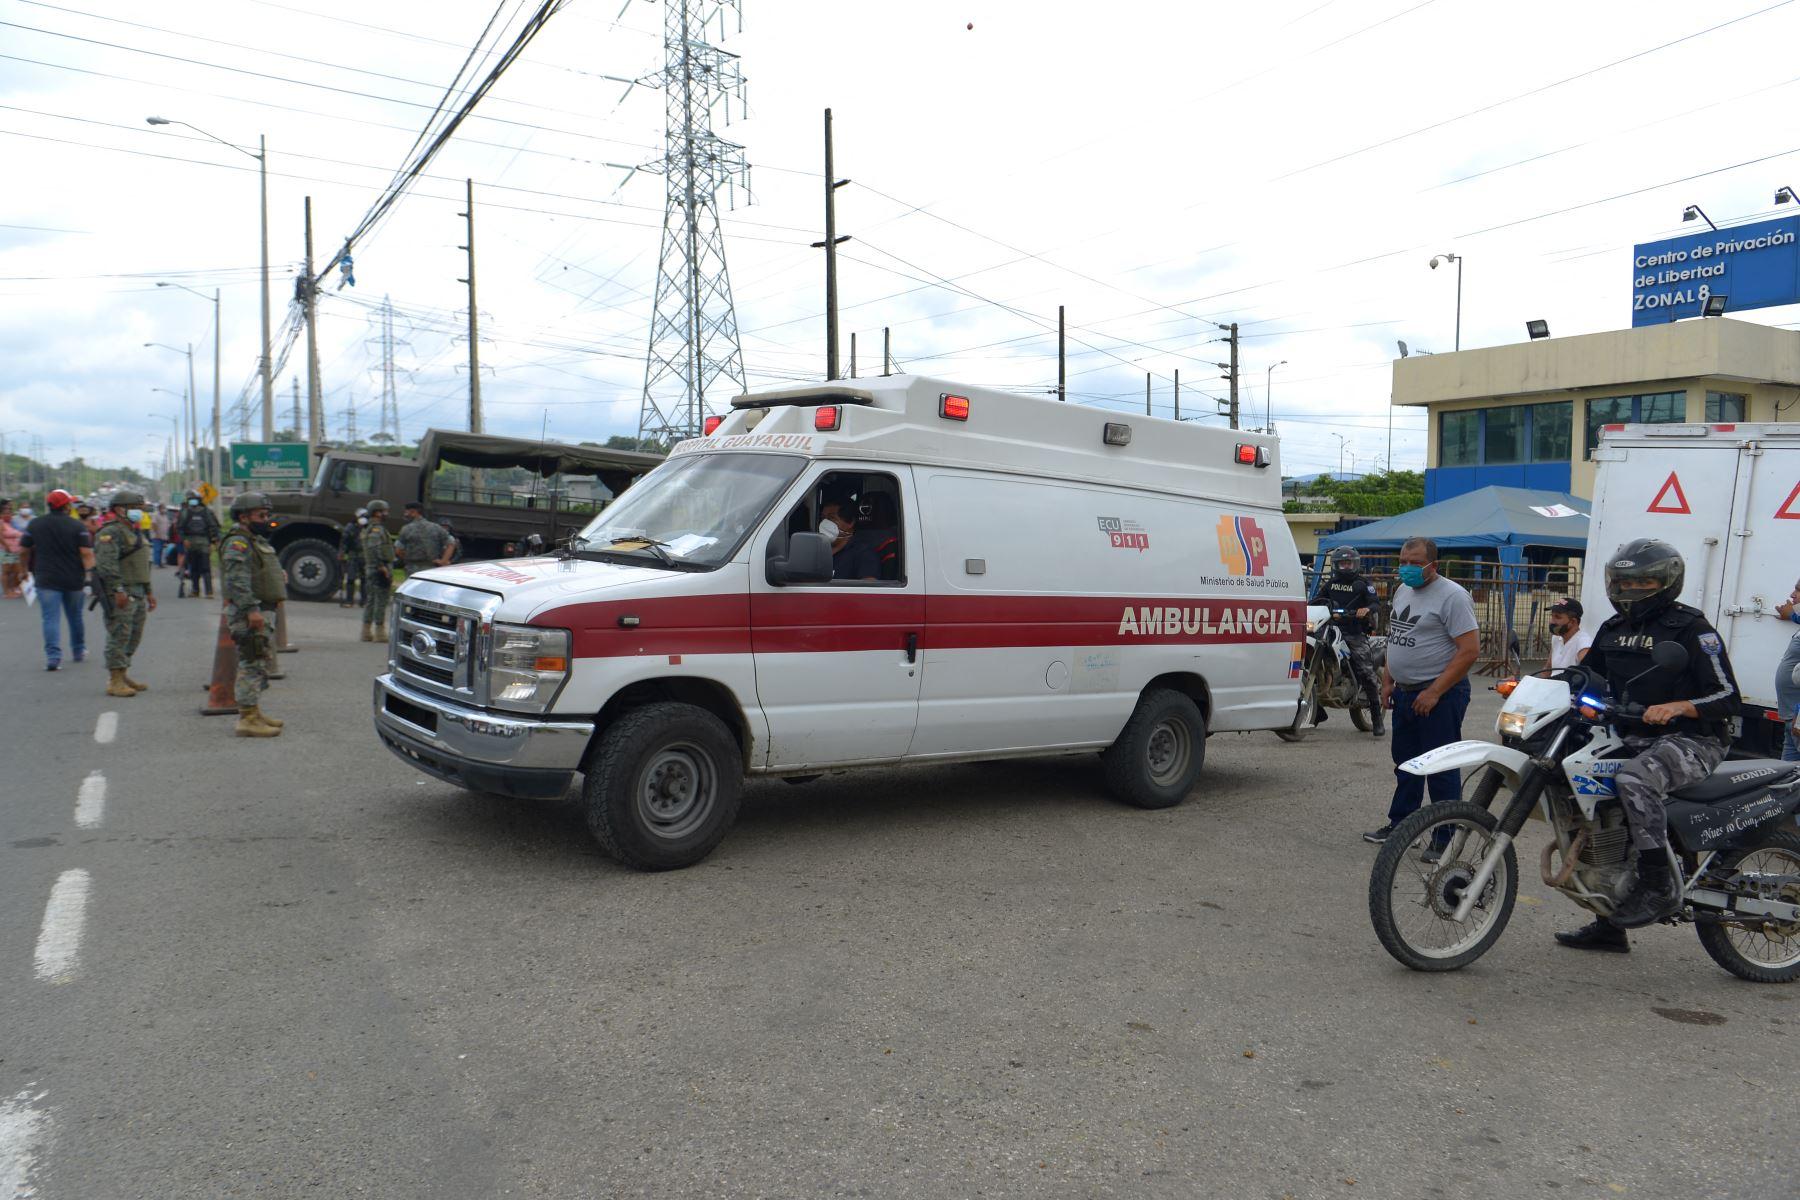 Una ambulancia sale del Centro de Privación de Libertad Zona 8 en Guayaquil, Ecuador. Al menos 50 reclusos murieron en disturbios en tres cárceles de Ecuador. Foto: AFP